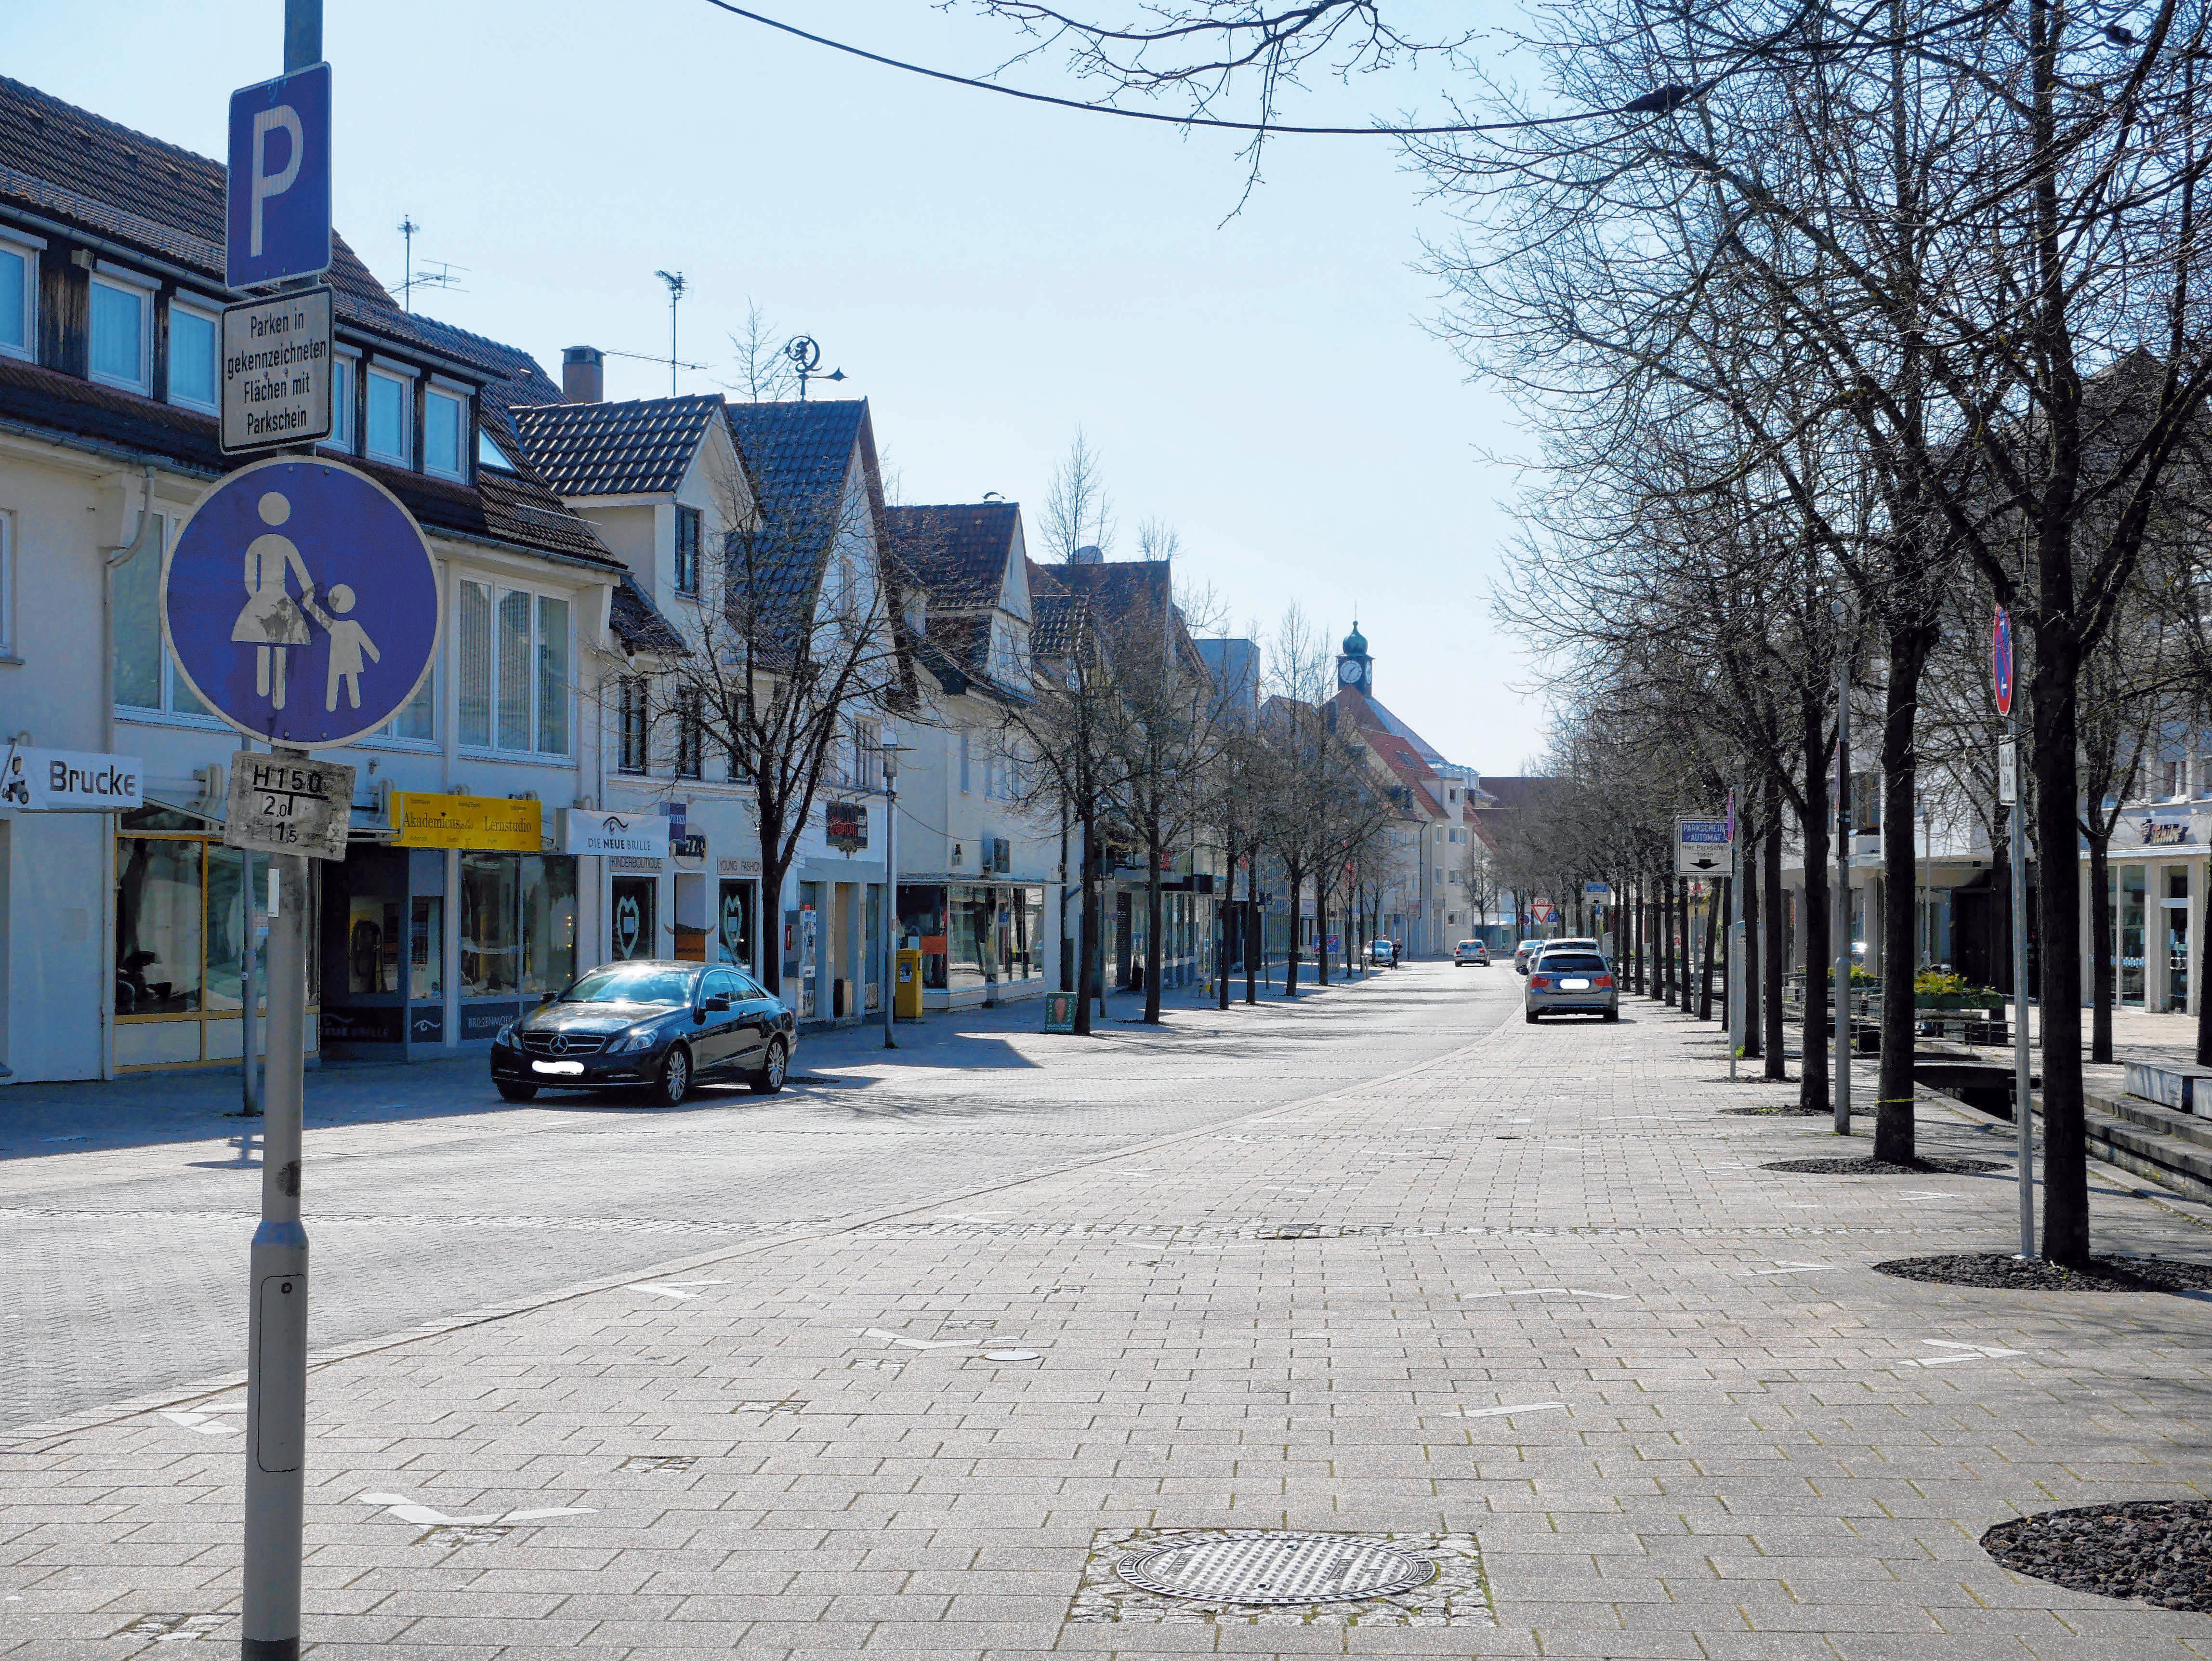 Leere Strassen und geschlossene Geschäfte prägen derzeit Laupheims Innenstadt. FOTO: BARBARA BRAIG